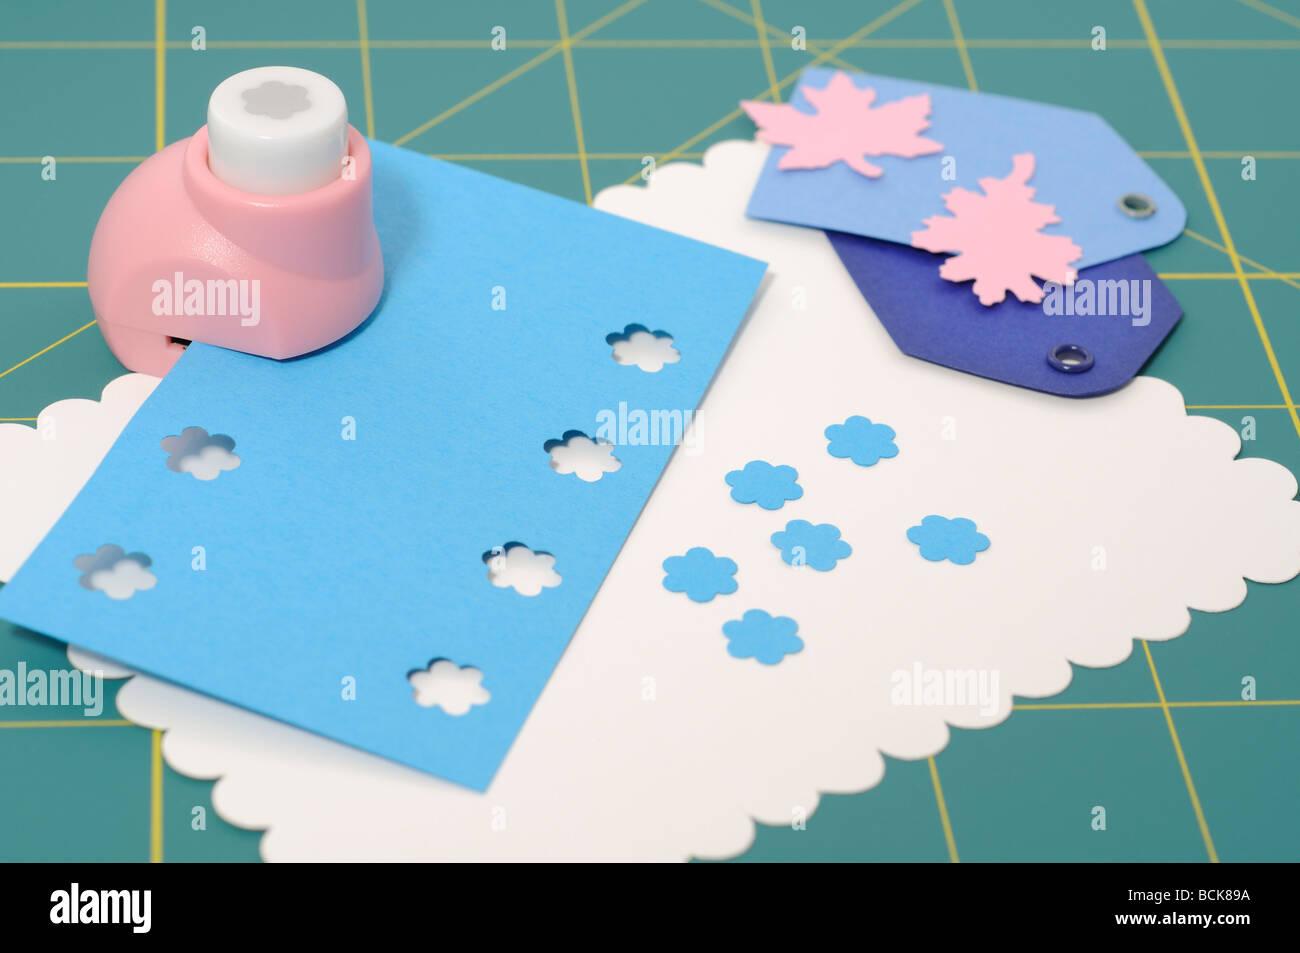 Projet d'album avec des tags fleurs et feuilles perforées Photo Stock